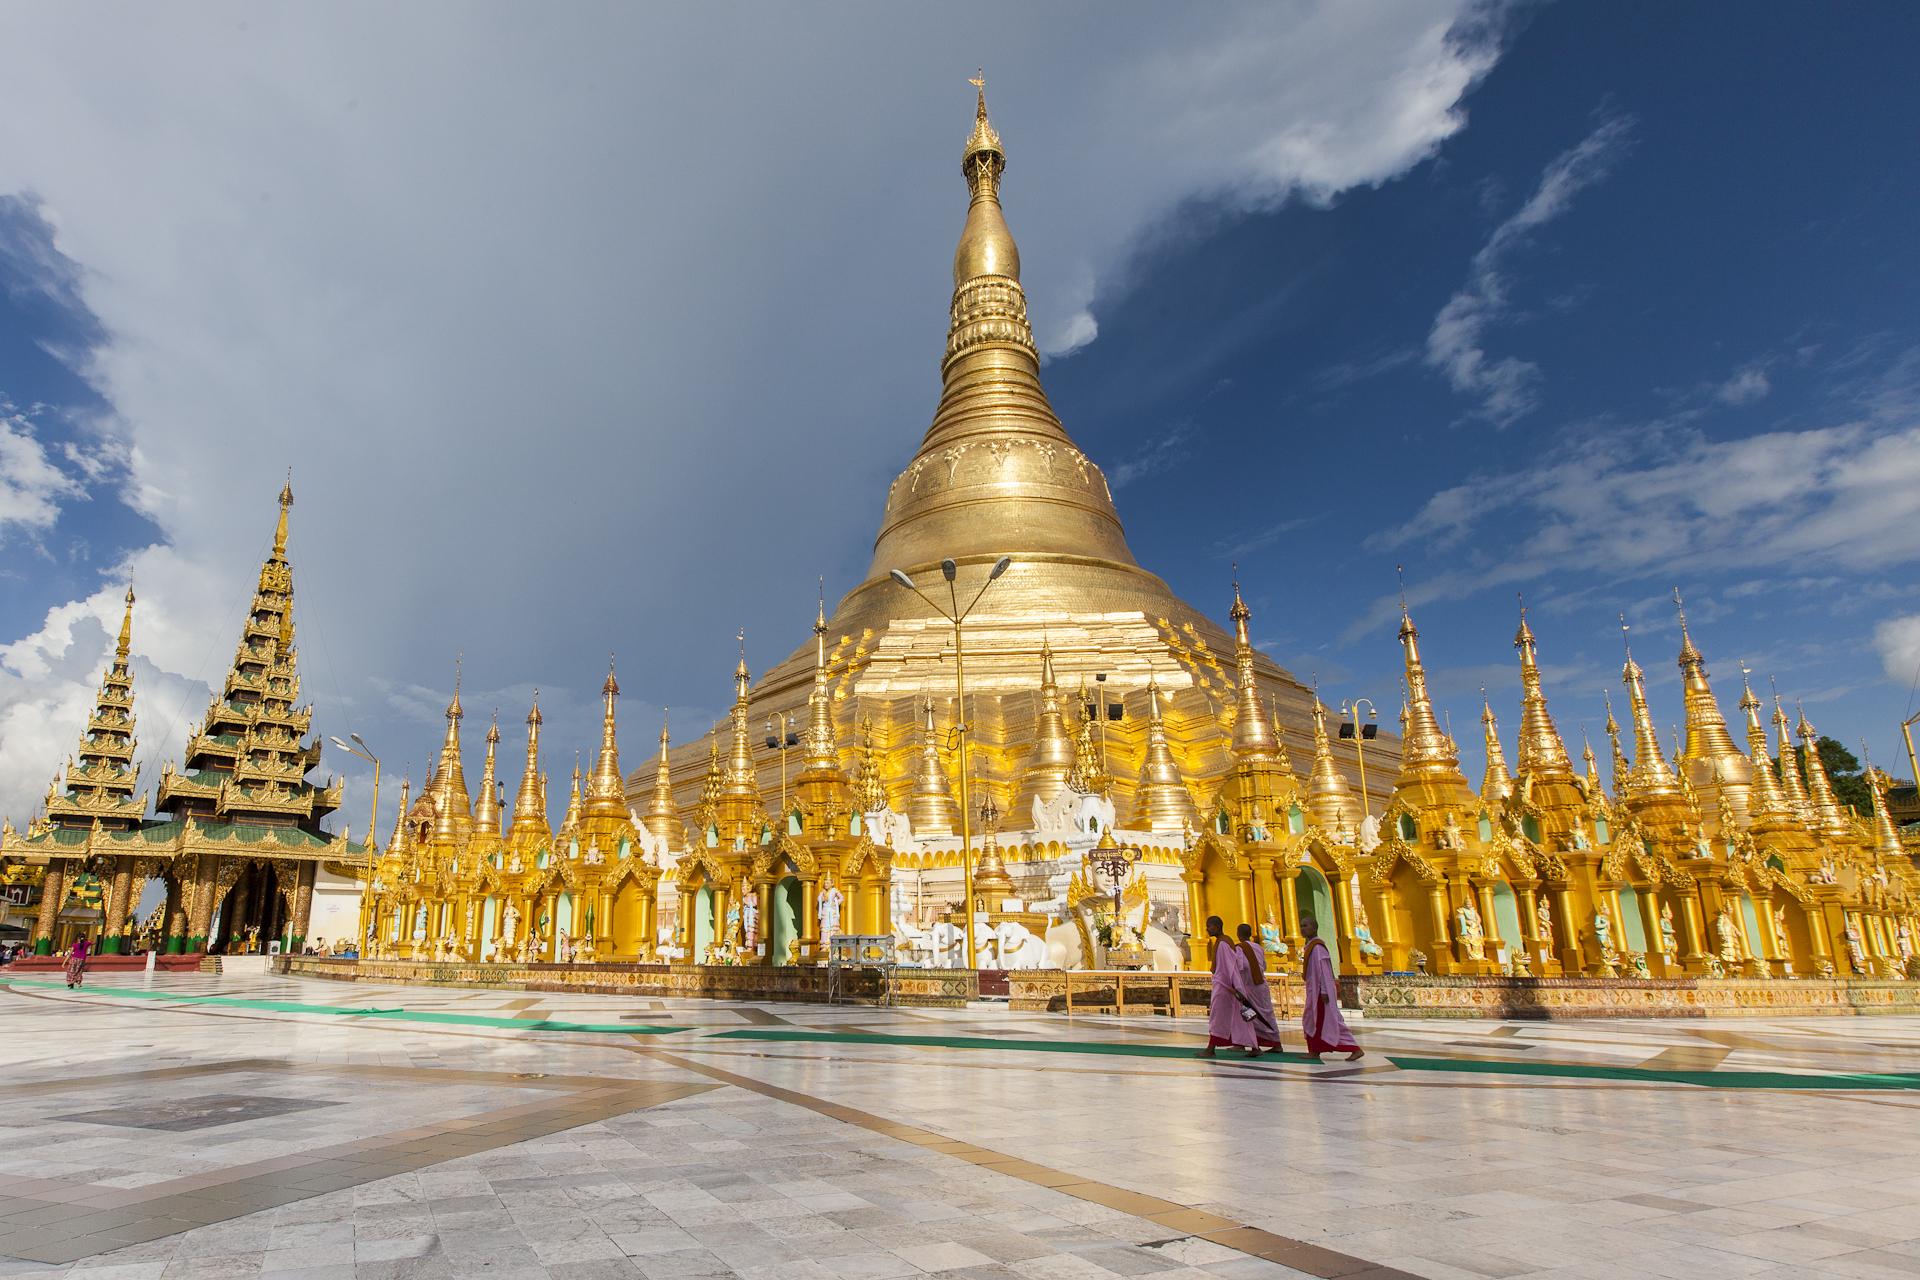 Myanmarr